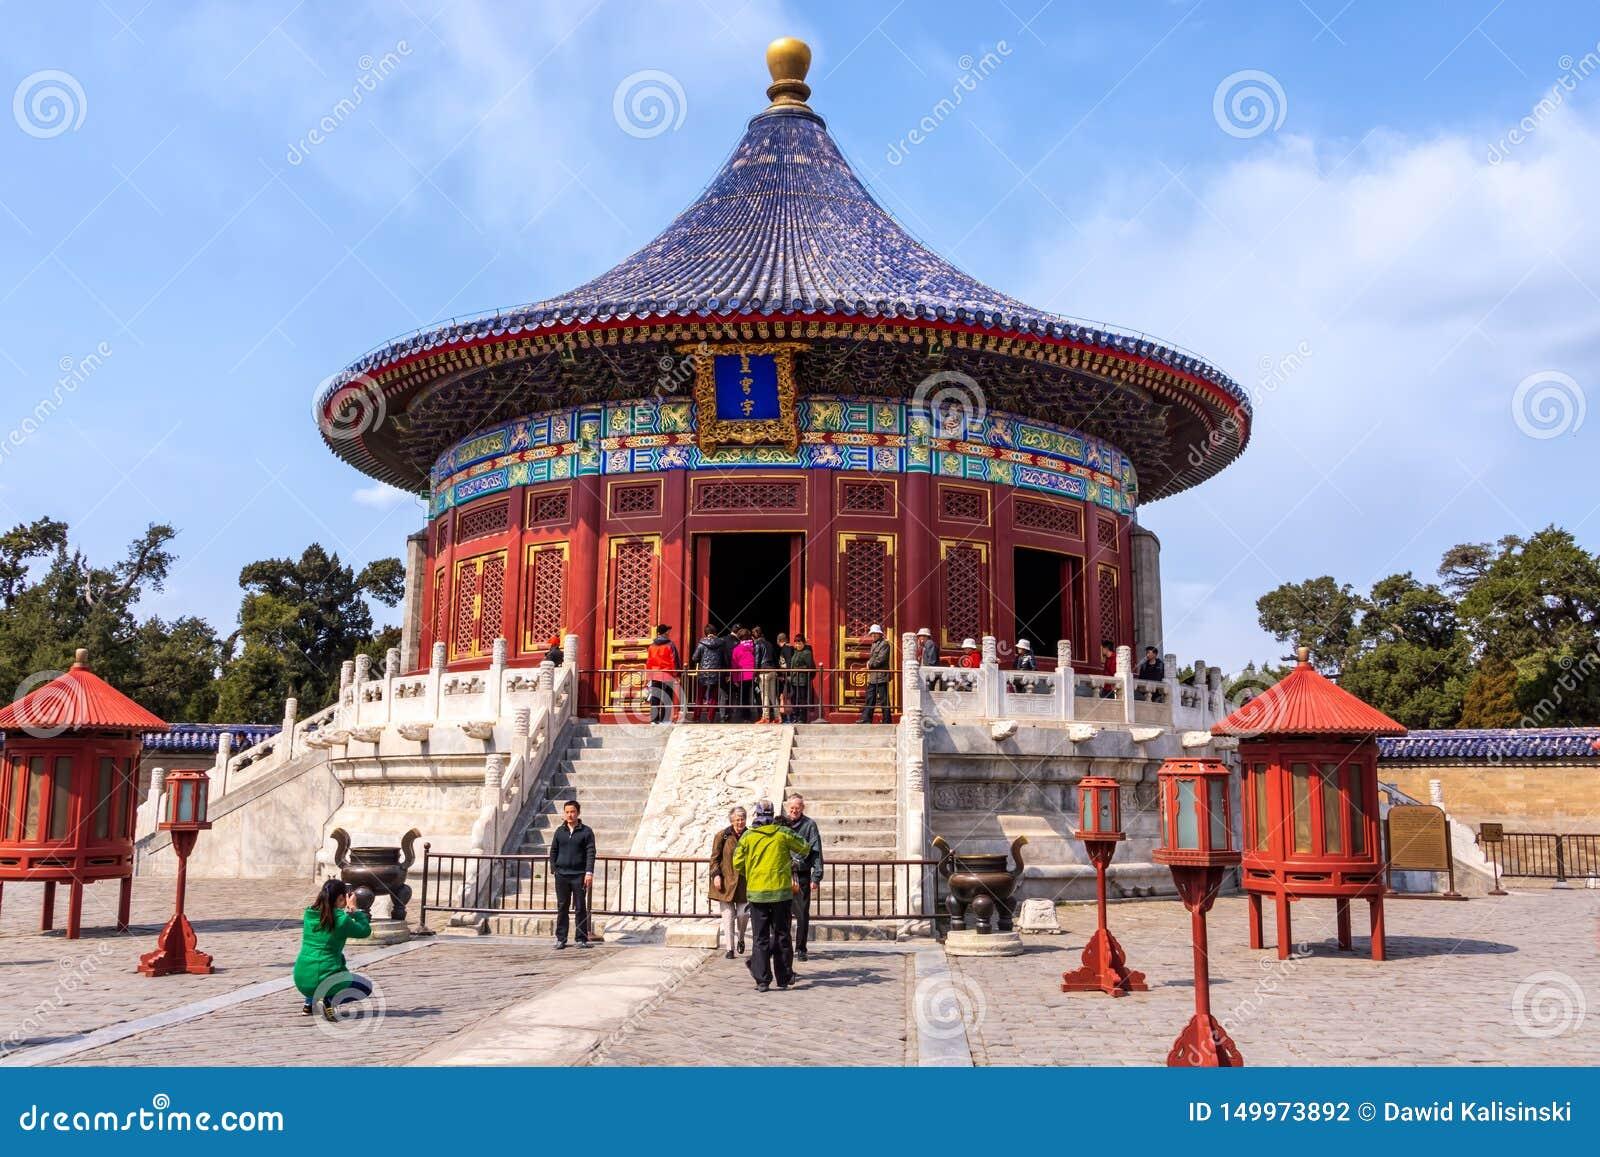 Turistas que toman imágenes y selfies delante del Templo del Cielo, Pekín